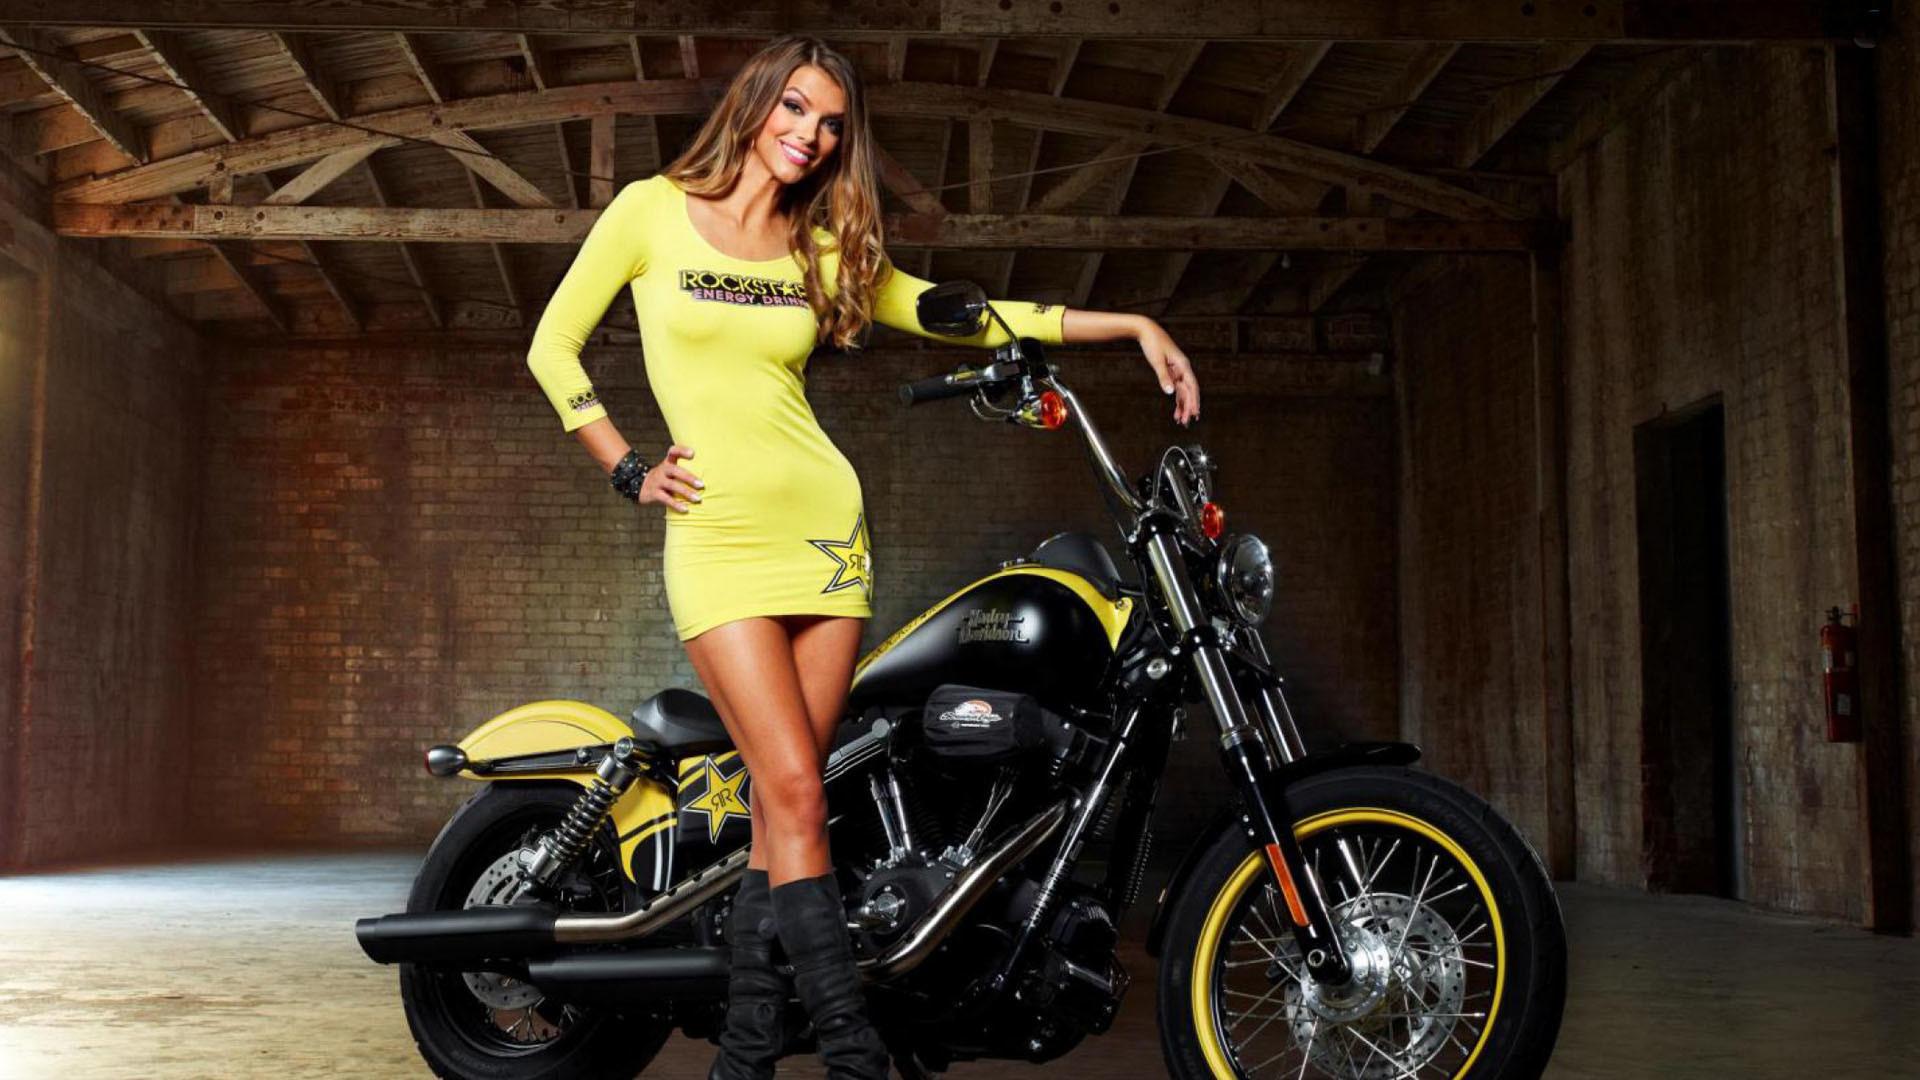 Beauty Girl In Bike HD Wallpaper